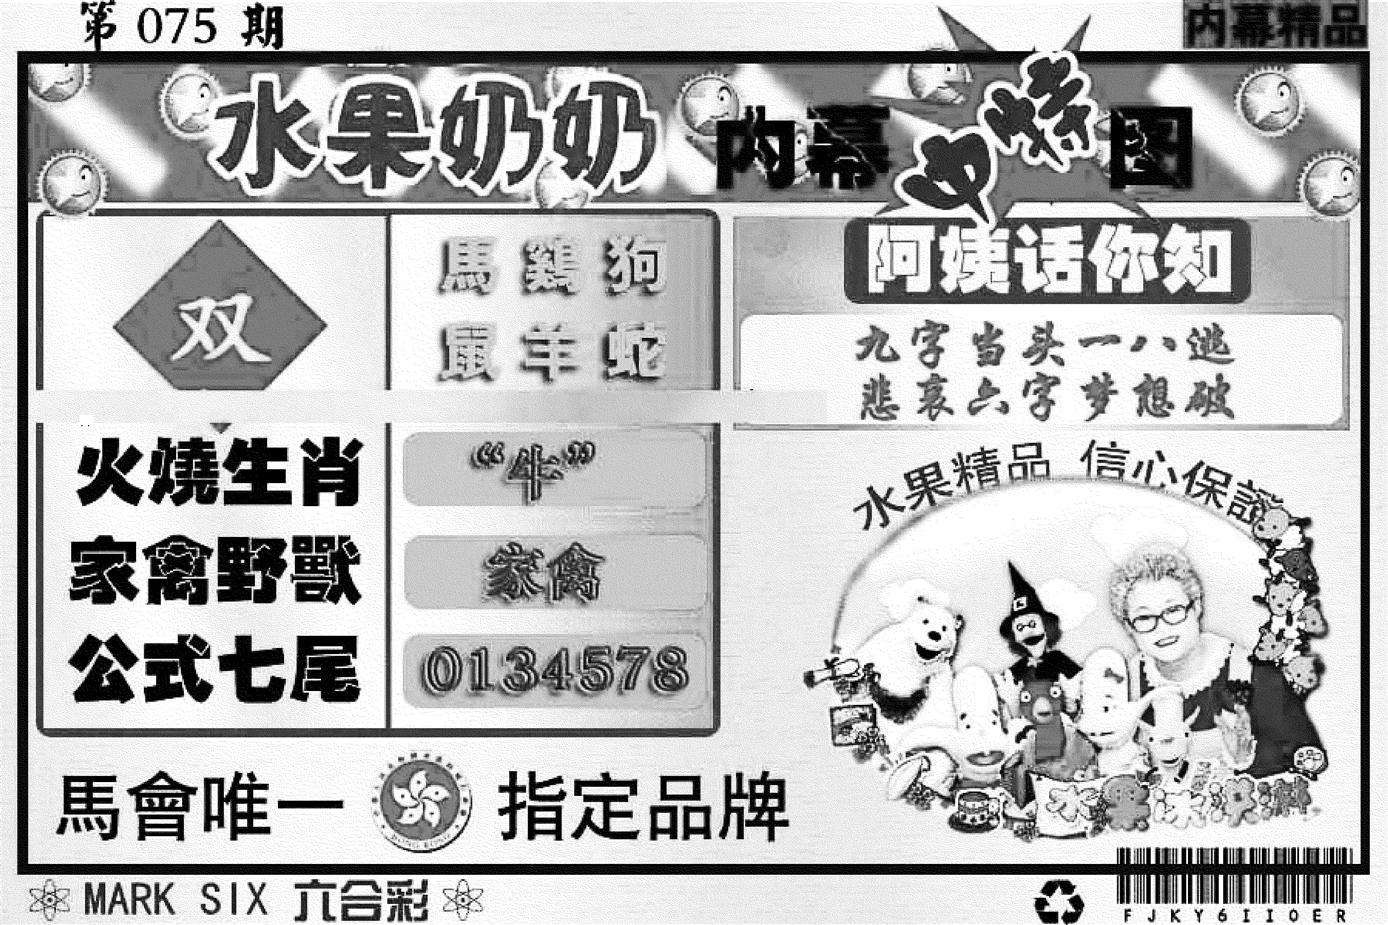 075期水果奶奶内幕(黑白)